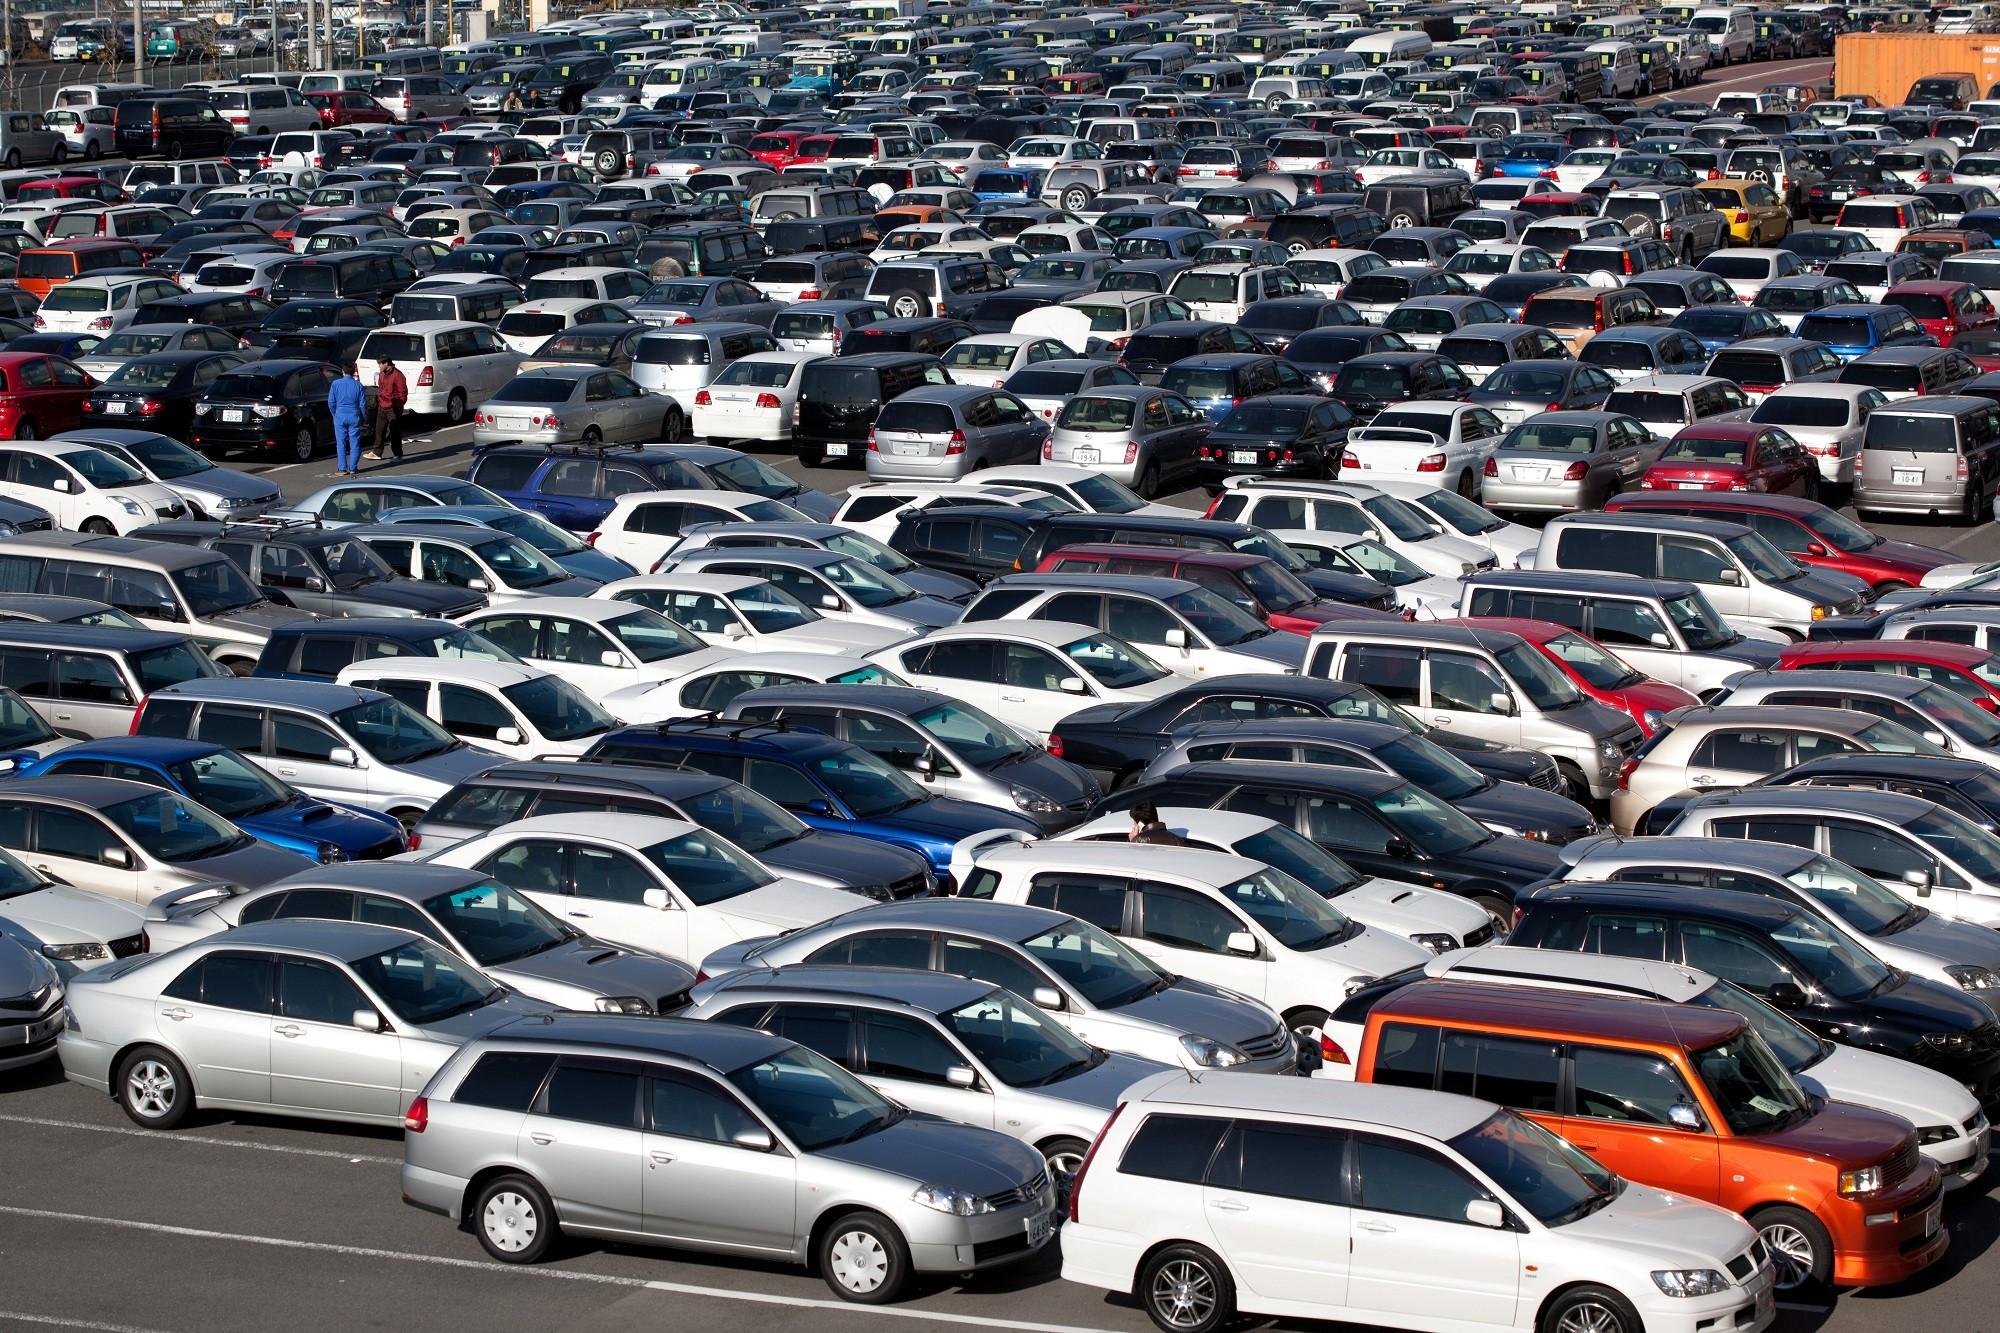 Продажи автомобилей в ЕС в 2017 году выросли до максимума за 10 лет